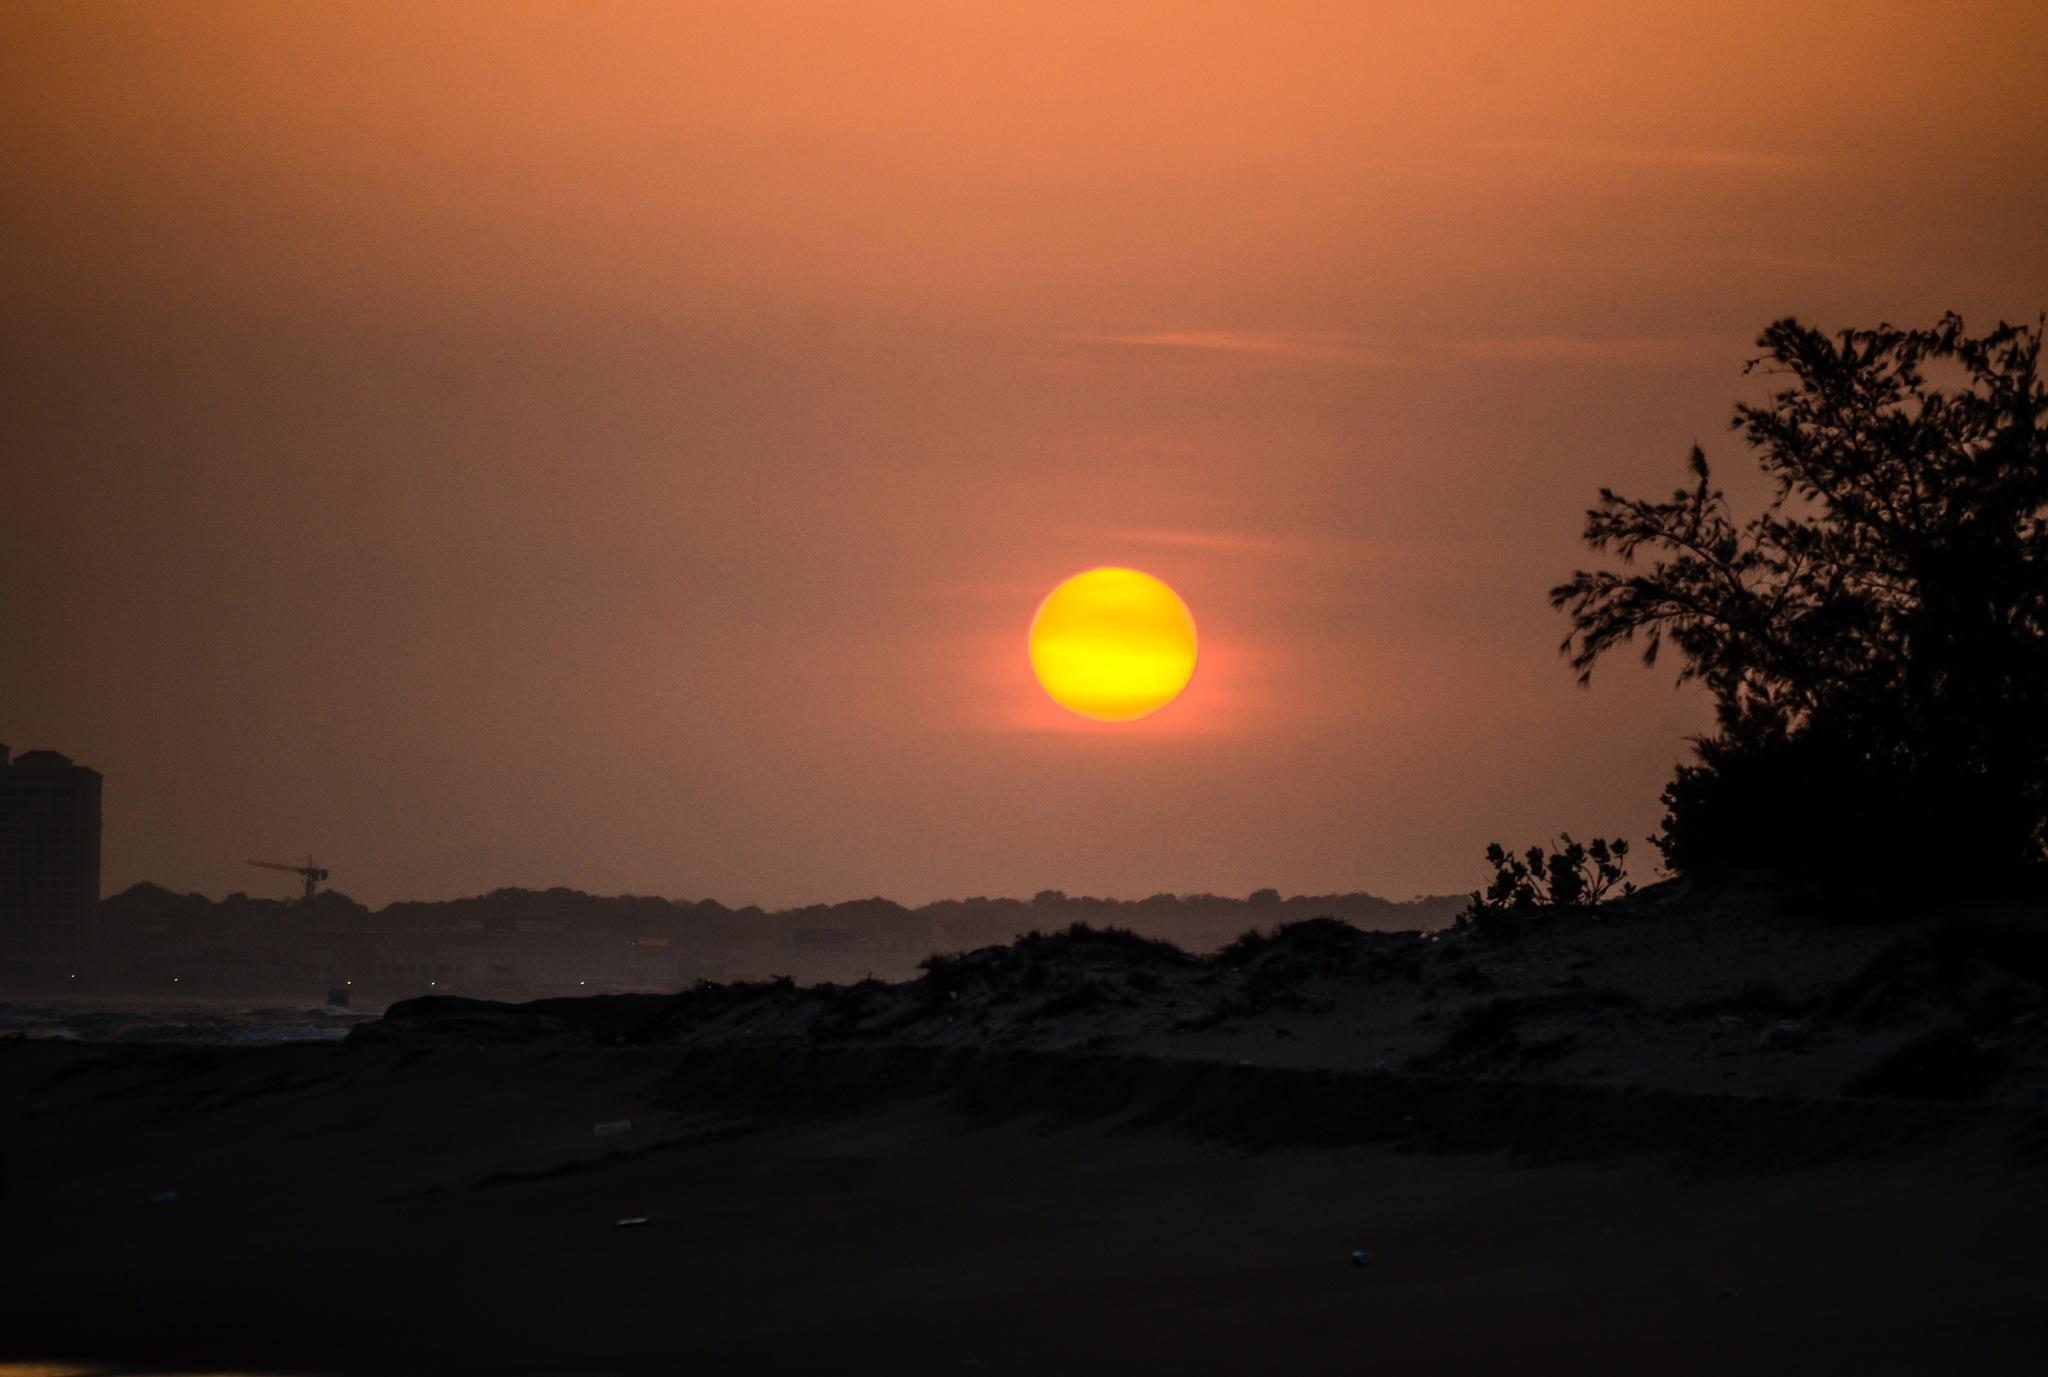 Sundown by phamducphuongnam